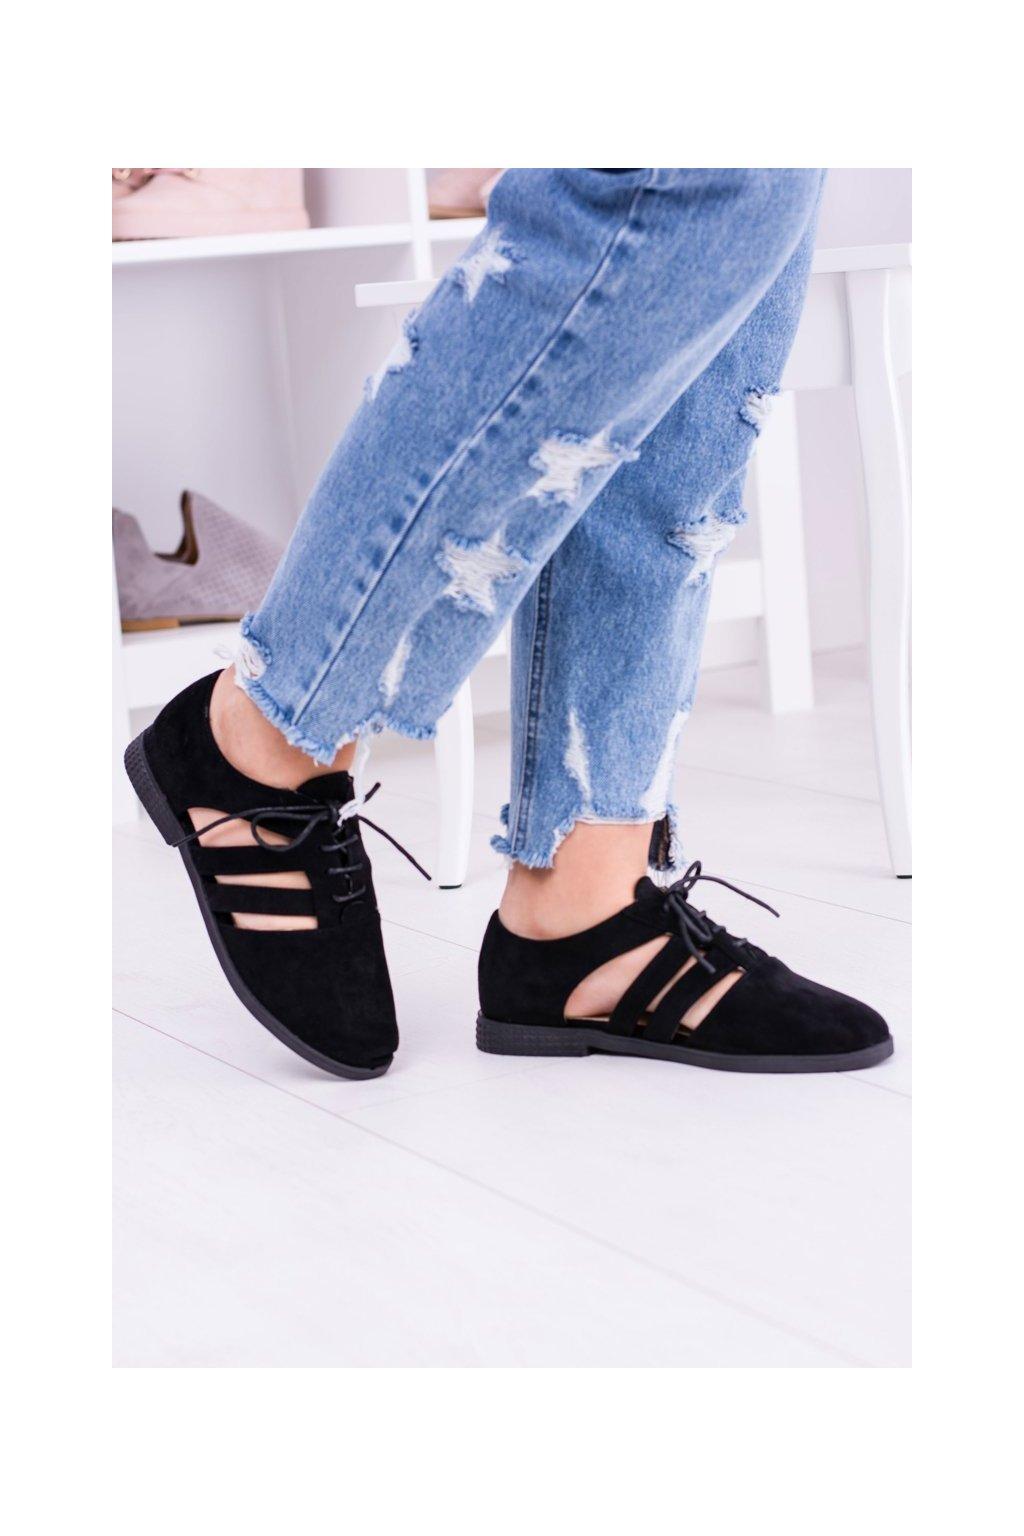 Lu Boo čierne topánky s výrezmi Passion